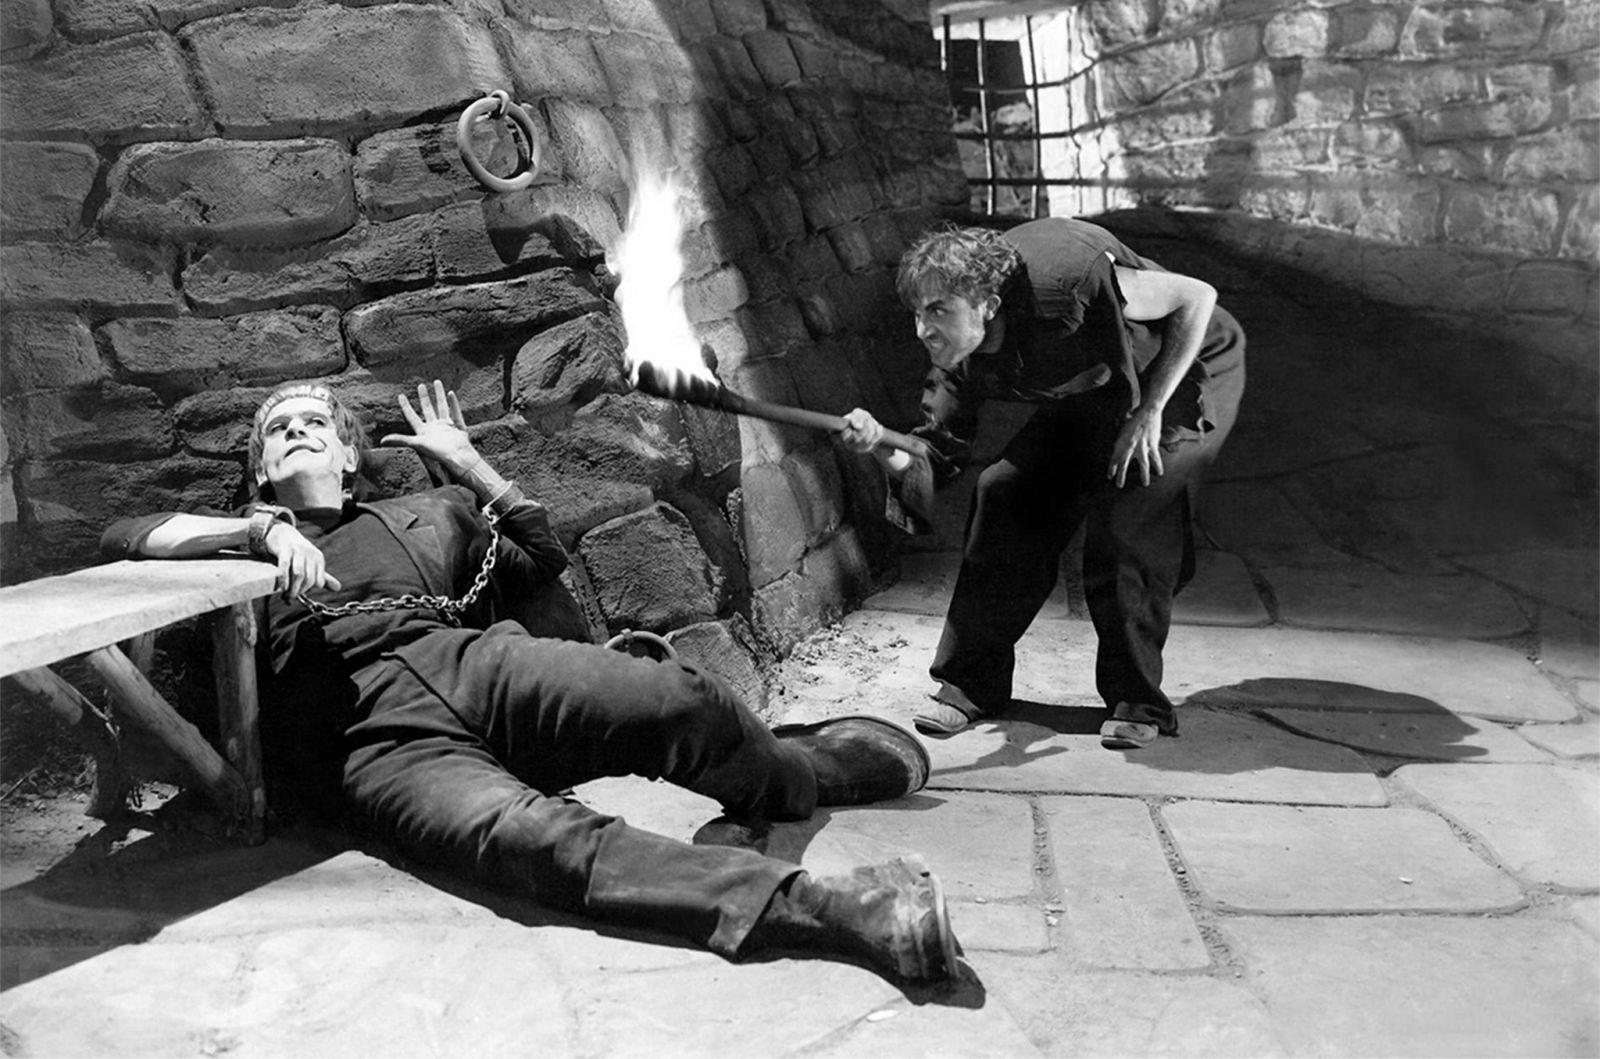 Фильм Джеймса Уэйла не был первым кинообращением к роману Мэрри Шелли (самый первый «Франкенштейн» б